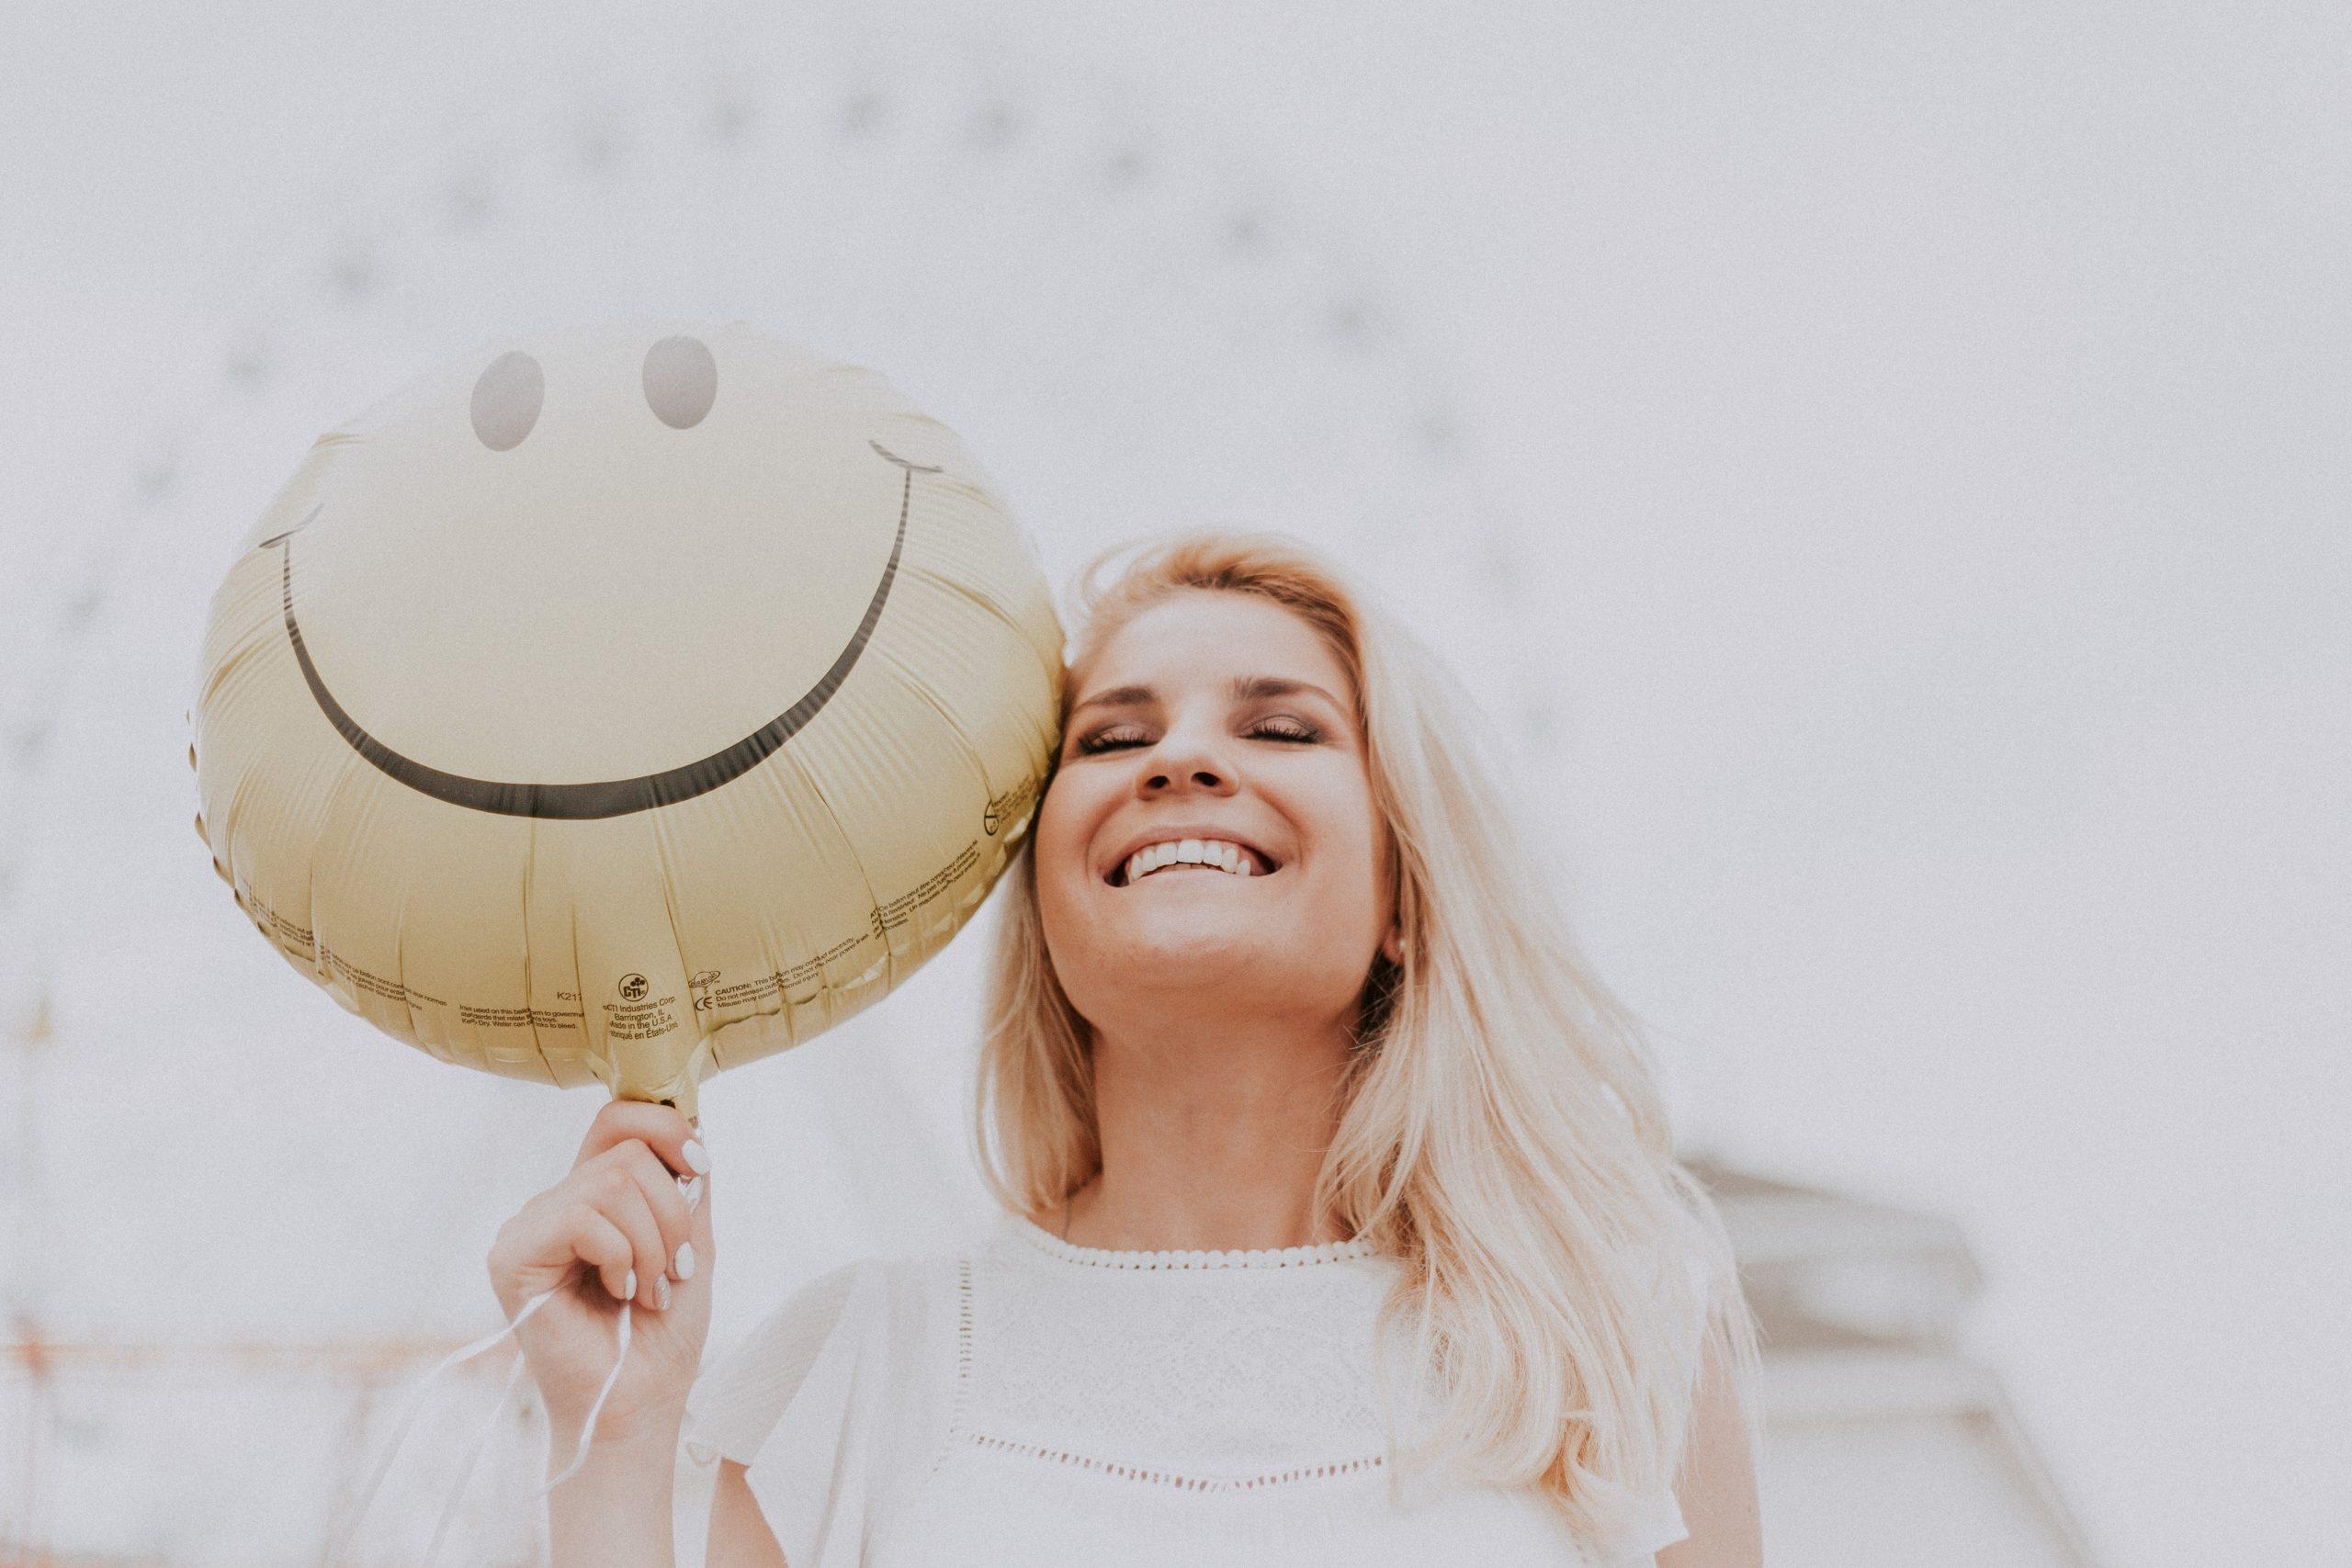 Kétségbeesett szingli, vagy boldog szingli – Te melyik vagy?